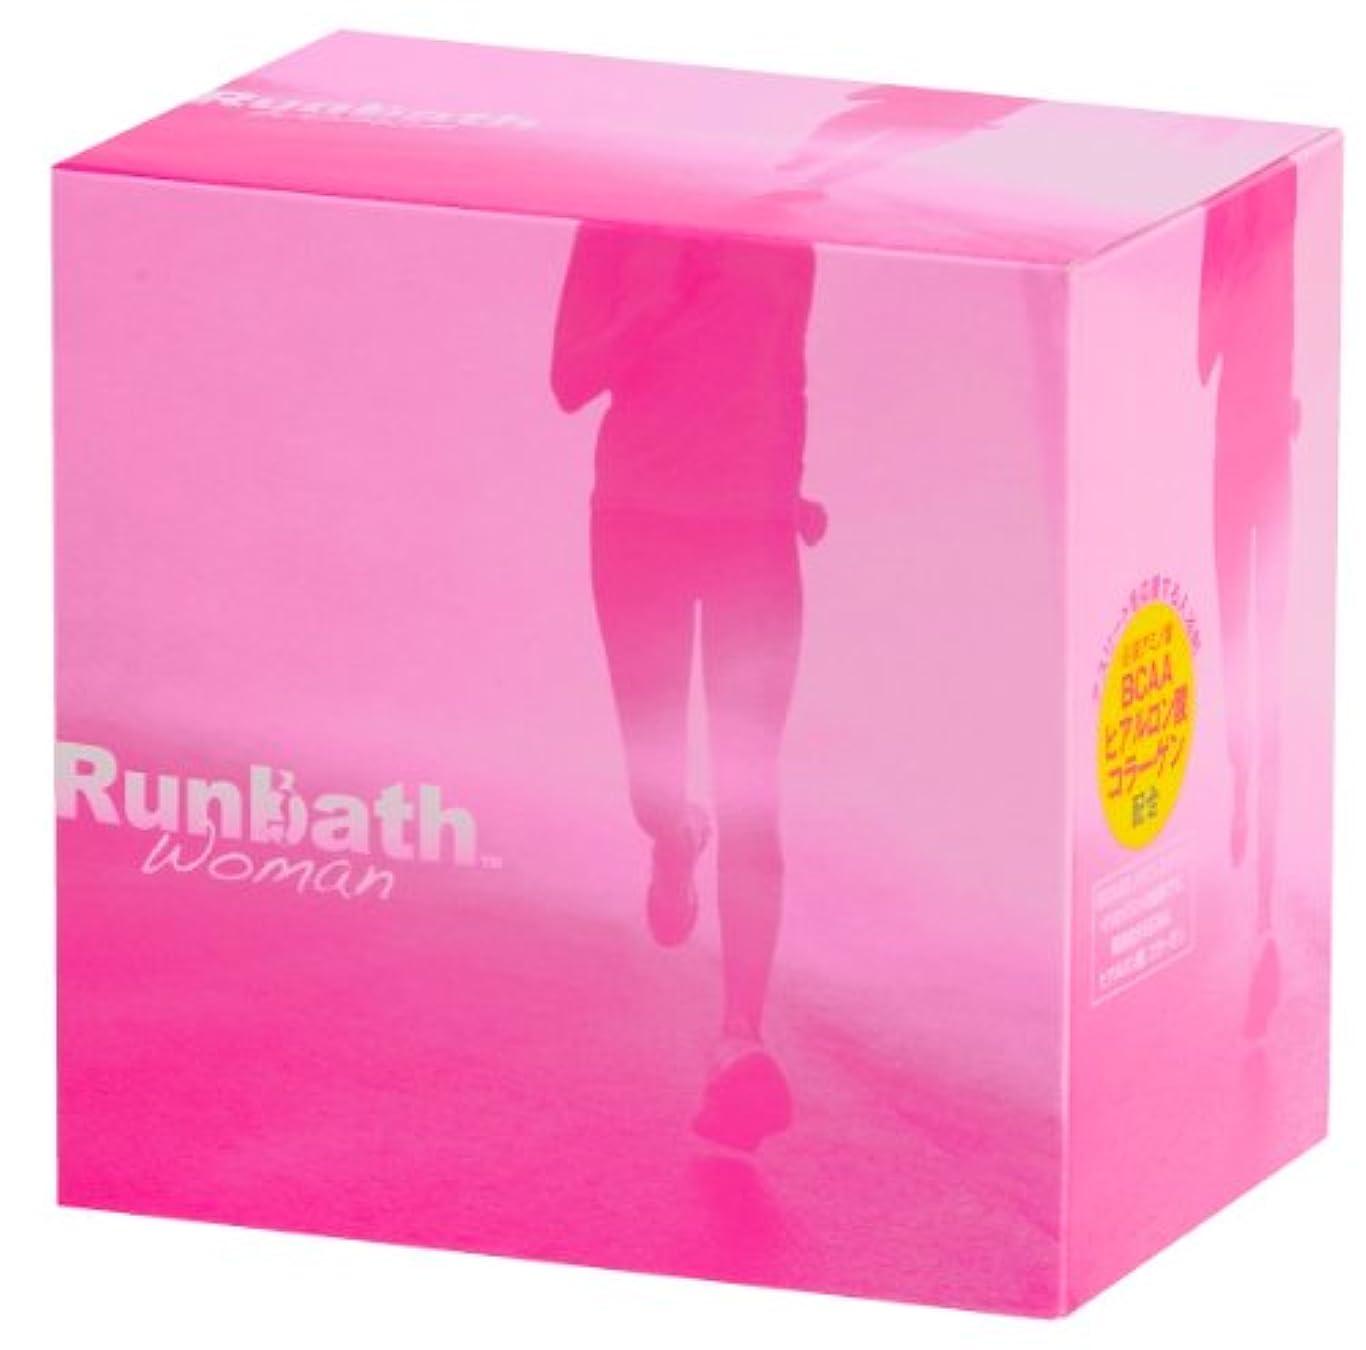 デコラティブ貨物アイドルRunbath Woman ランバスウーマン